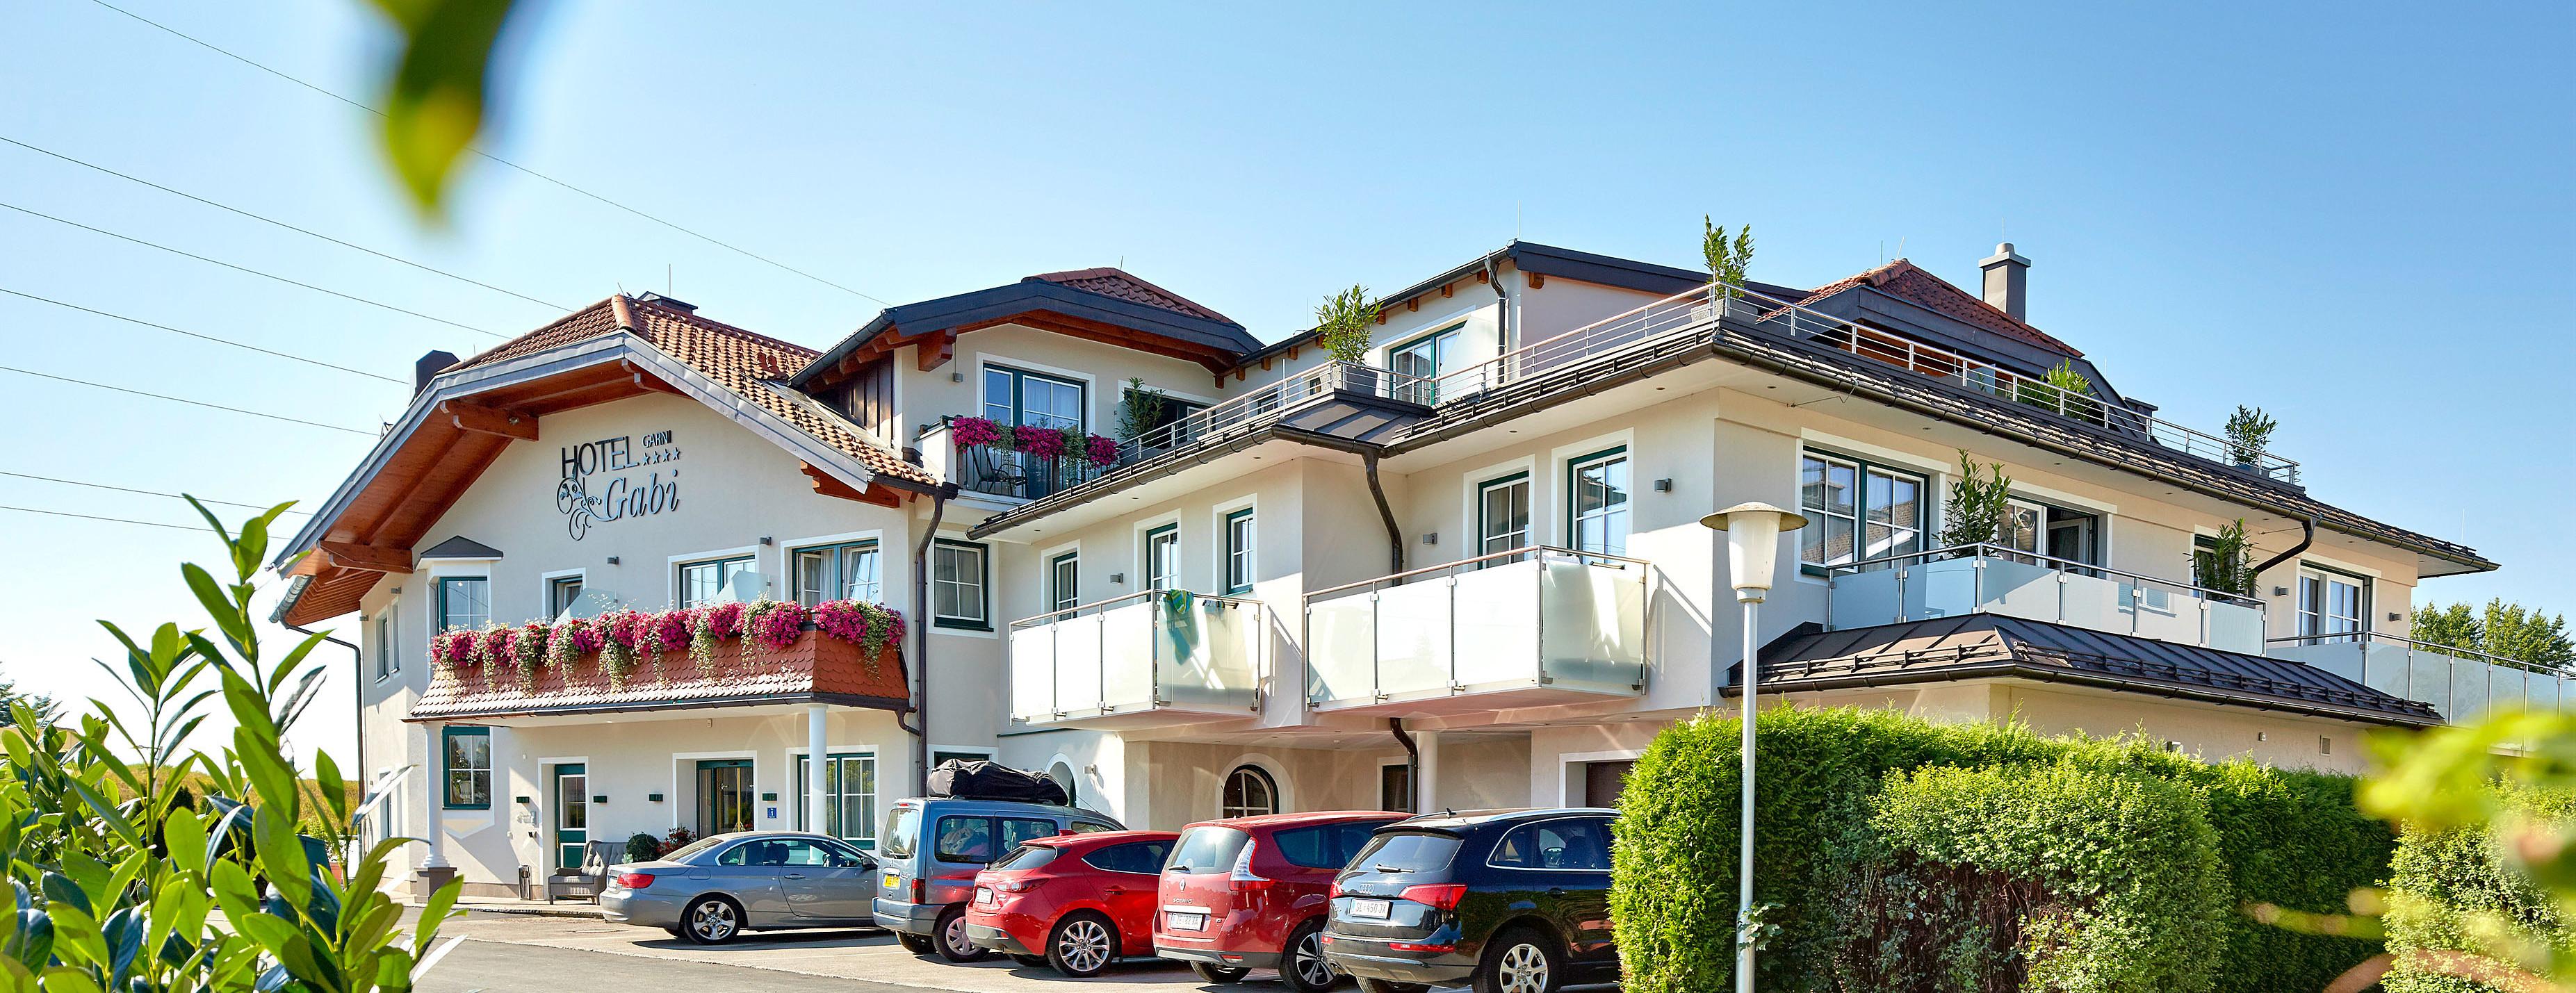 Hotel Gabi Salzburg